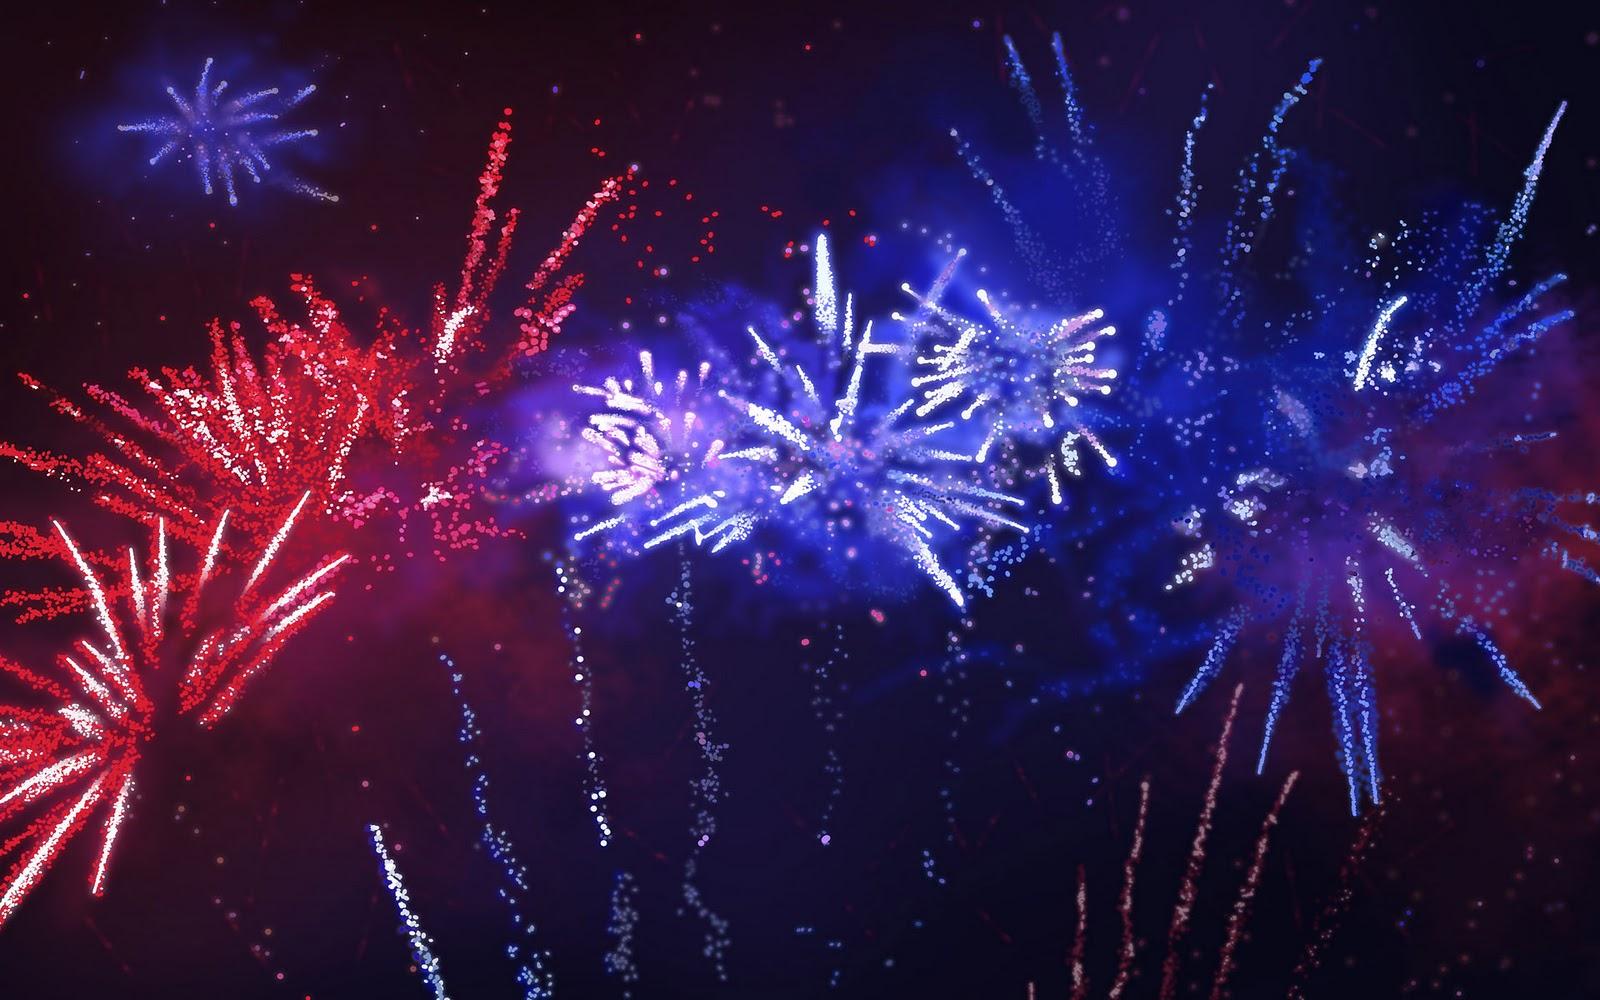 Wallpaper vol vuurwerk foto met vuurwerk roze en blauwe lichten